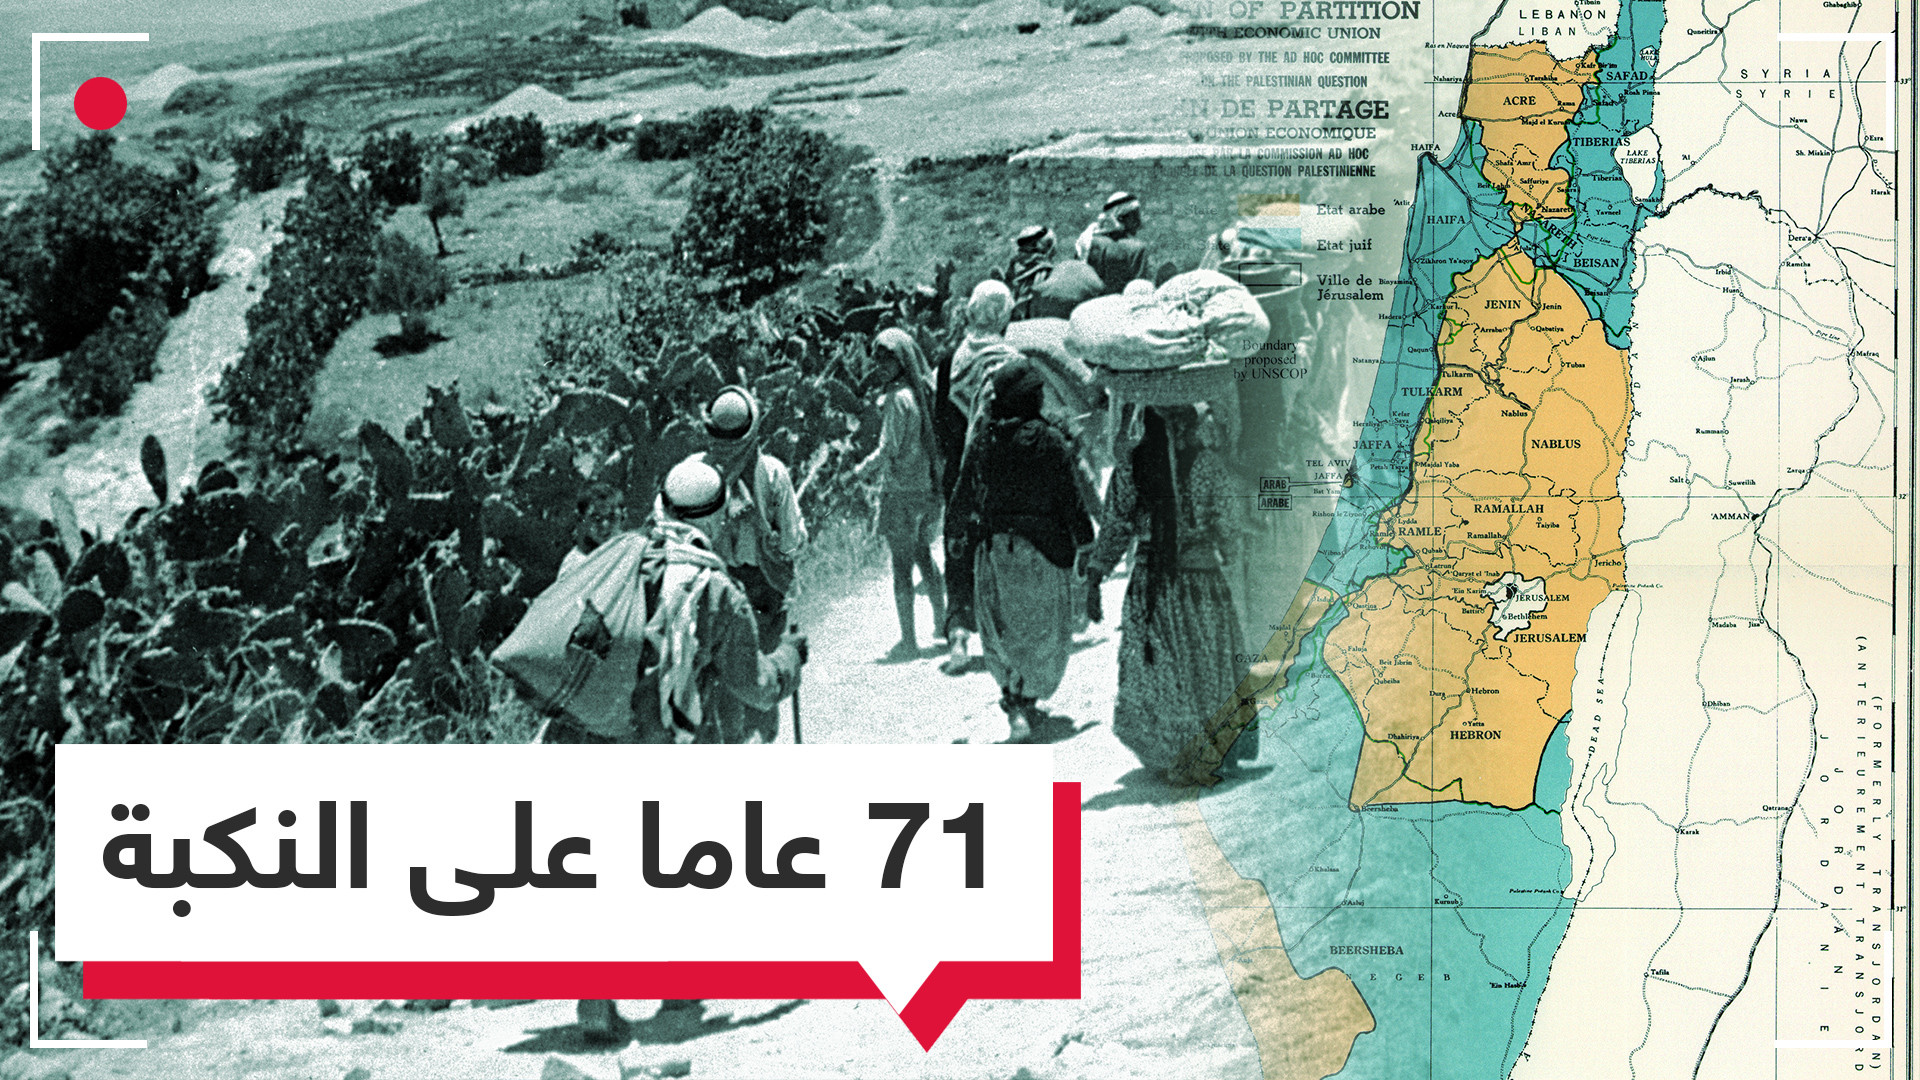 أرقام من دفاتر النكبة.. ماذا فعلت إسرائيل بالفلسطينيين وأرضهم في 71 عاما؟